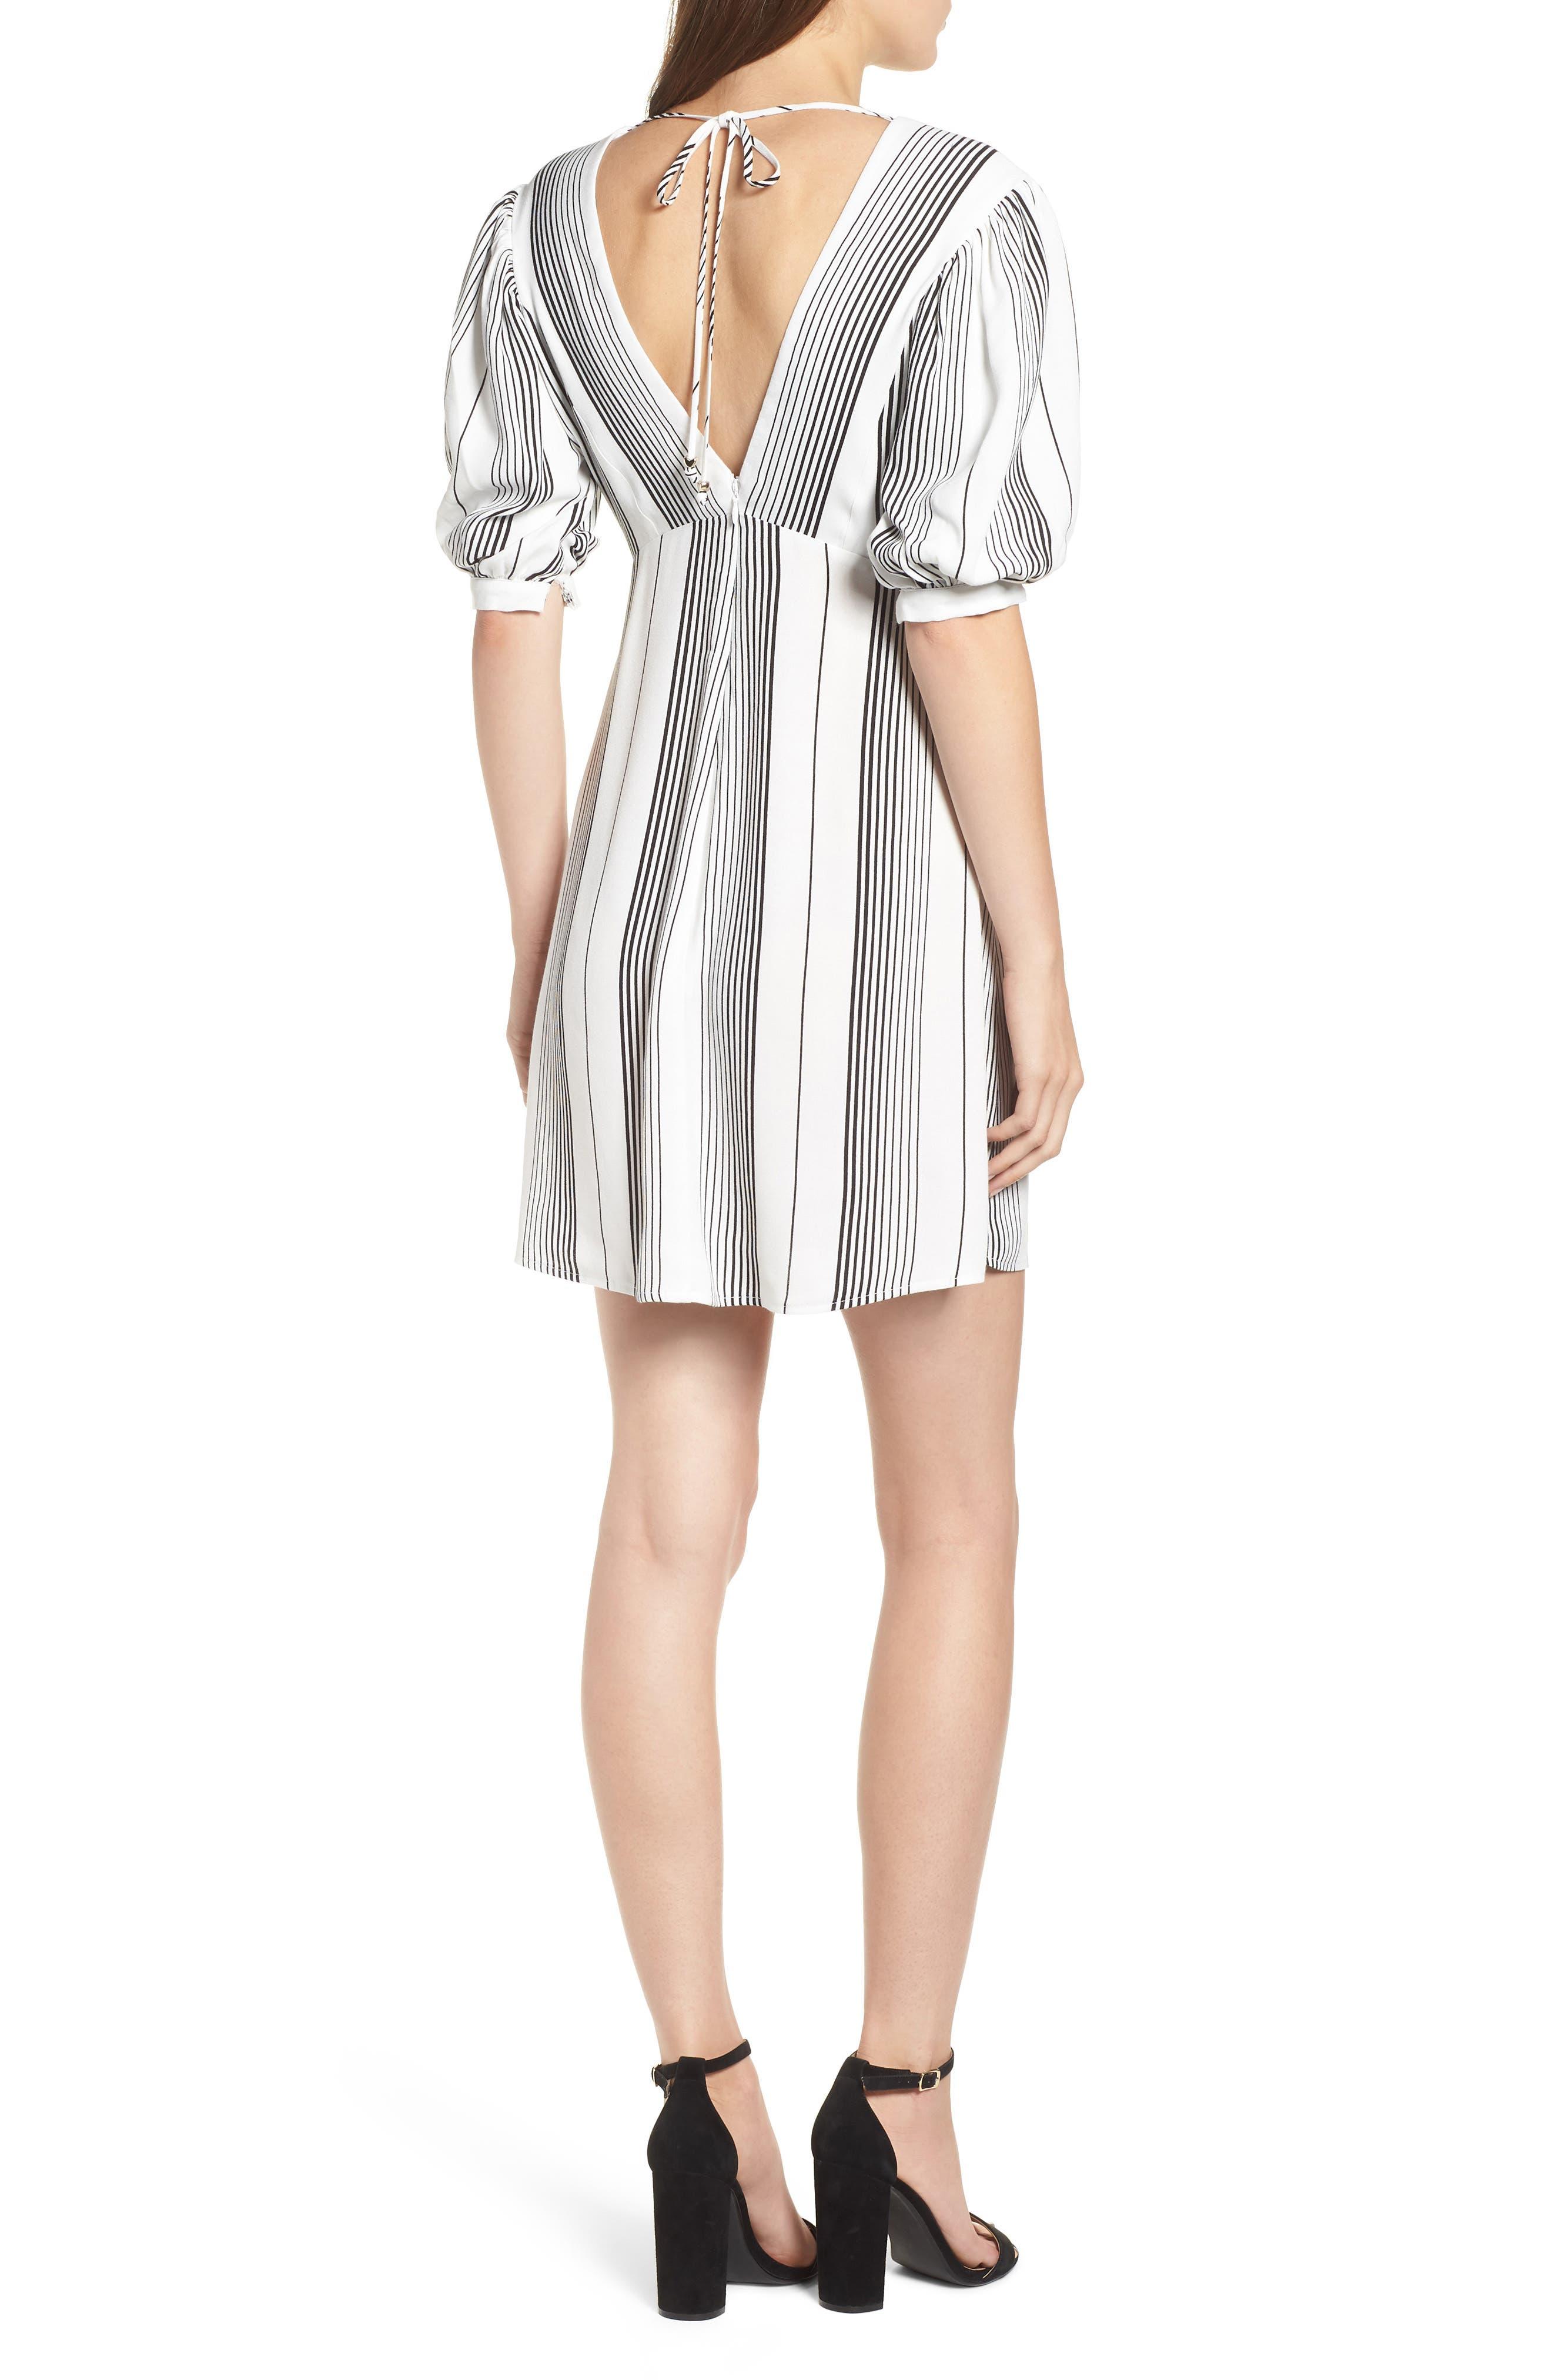 Jolie Minidress,                             Main thumbnail 1, color,                             BLANC STRIPE